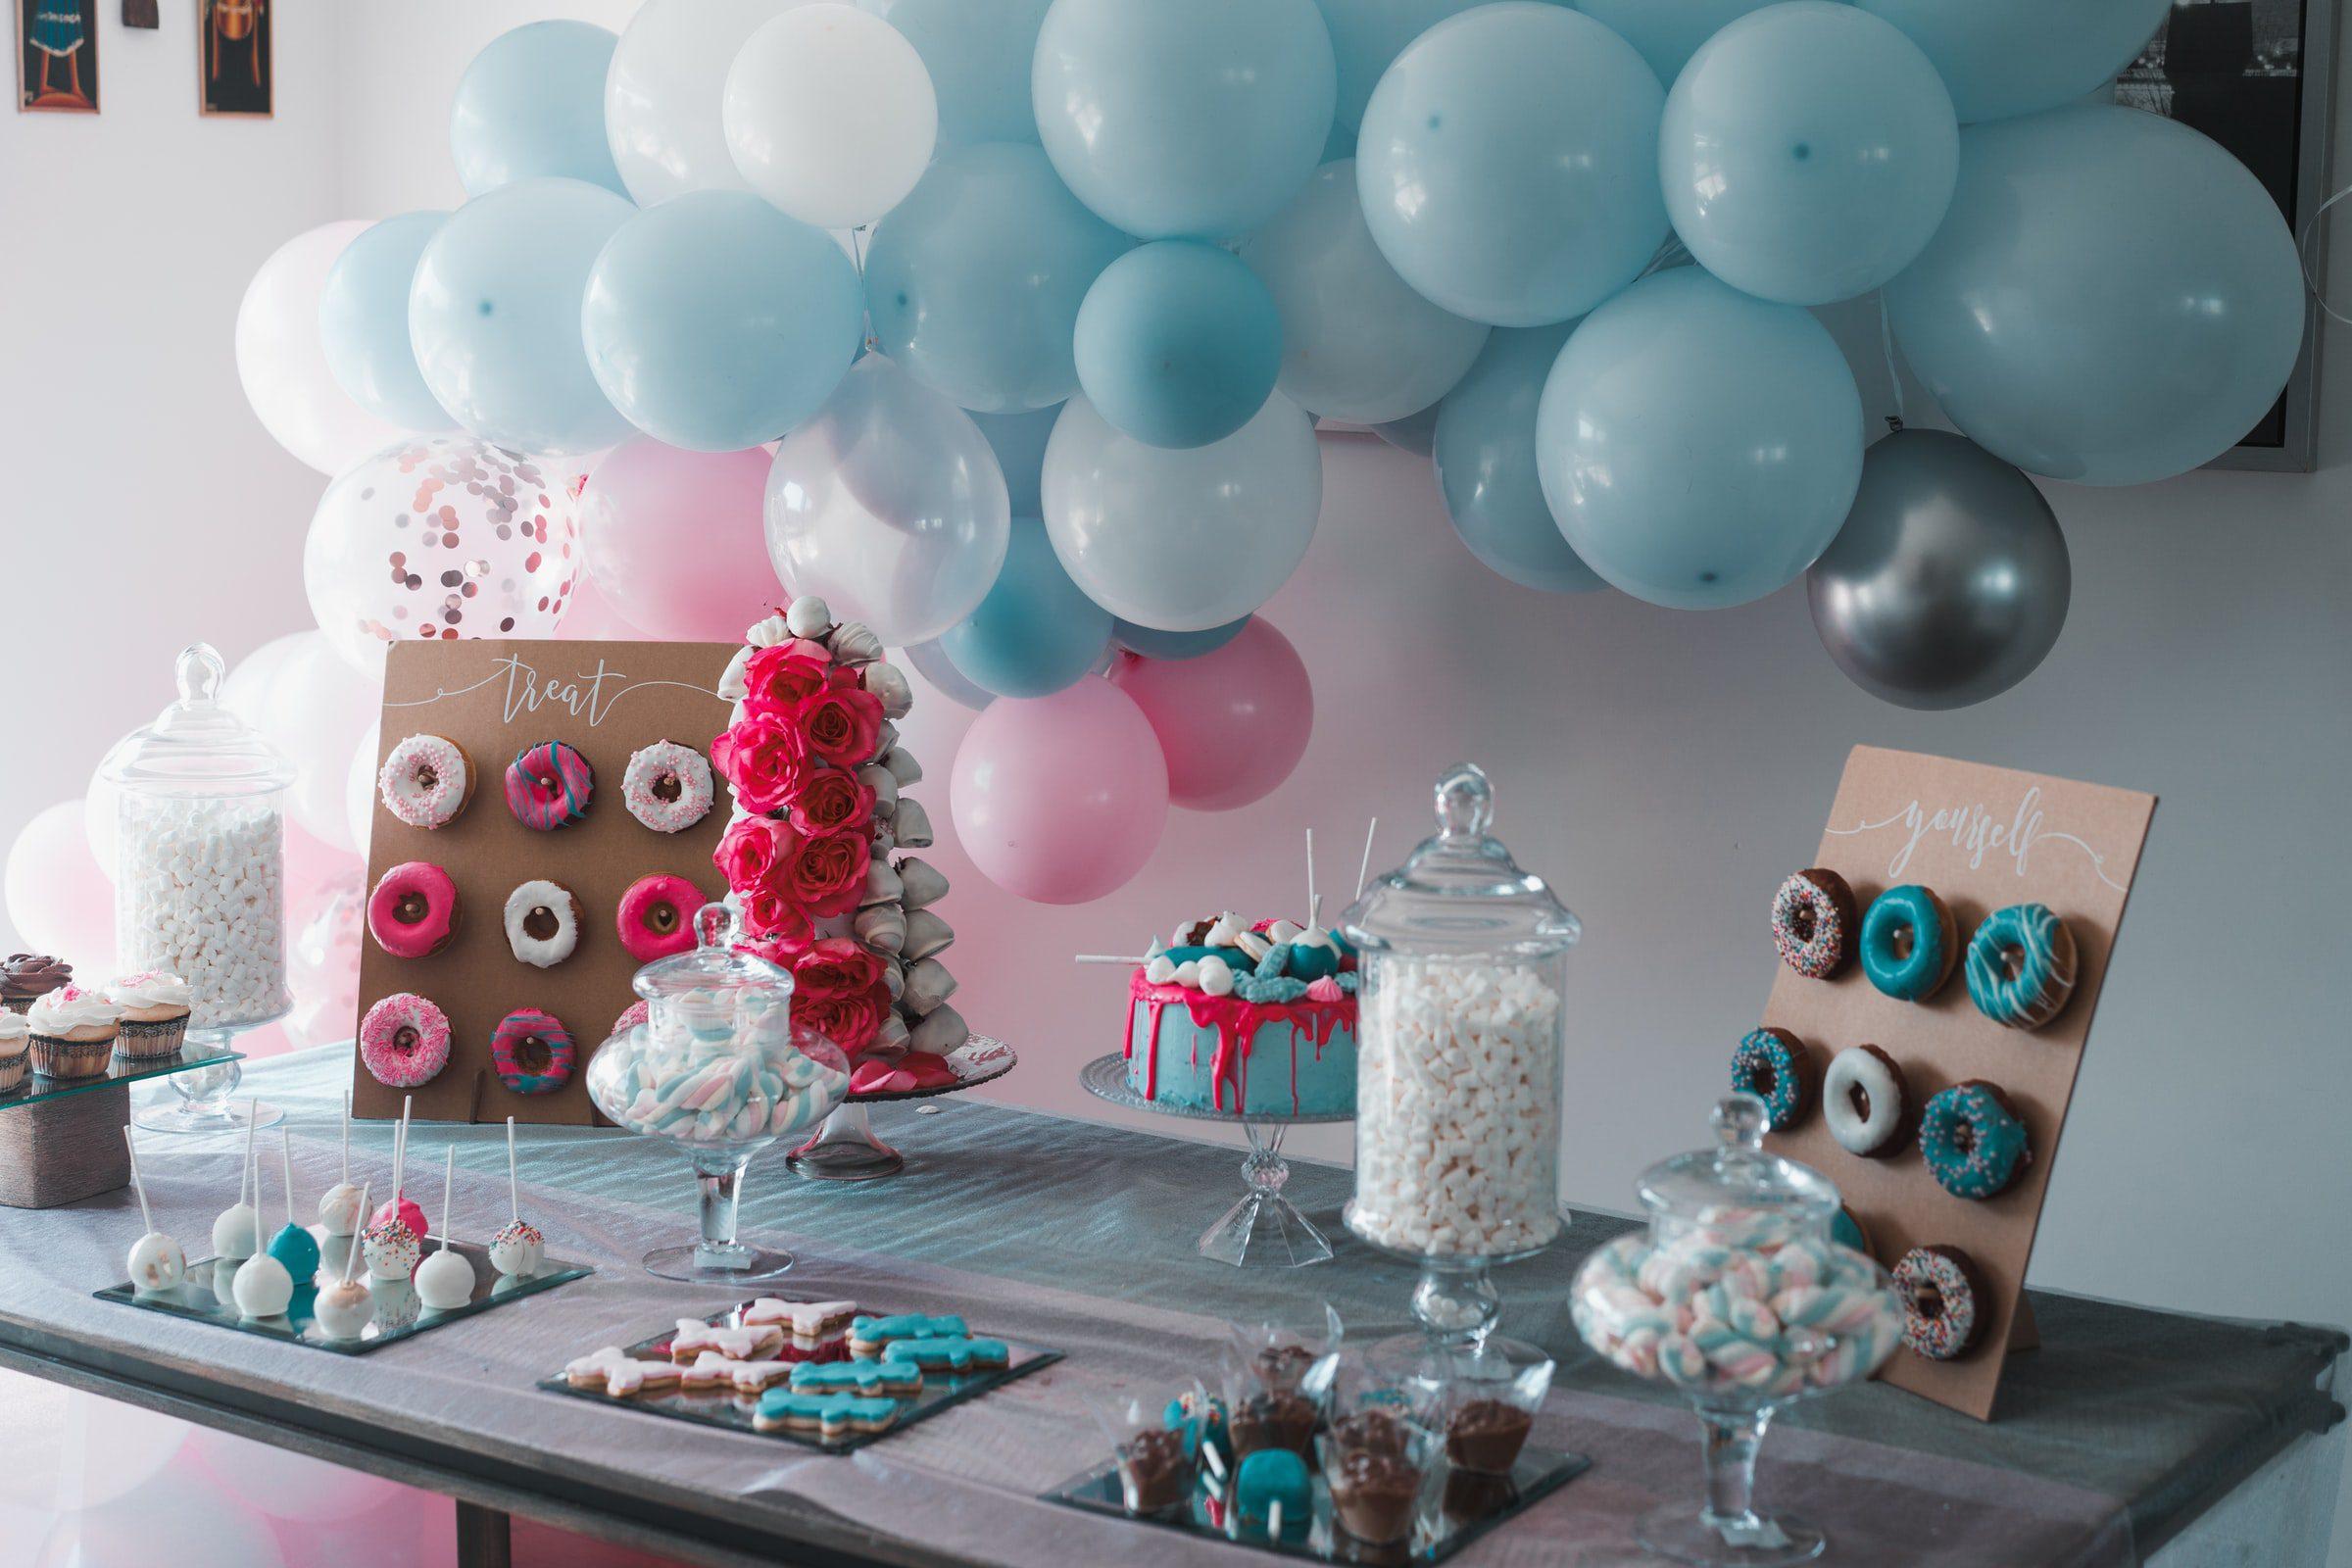 Tiendas de decoración de fiestas infantiles en internet.